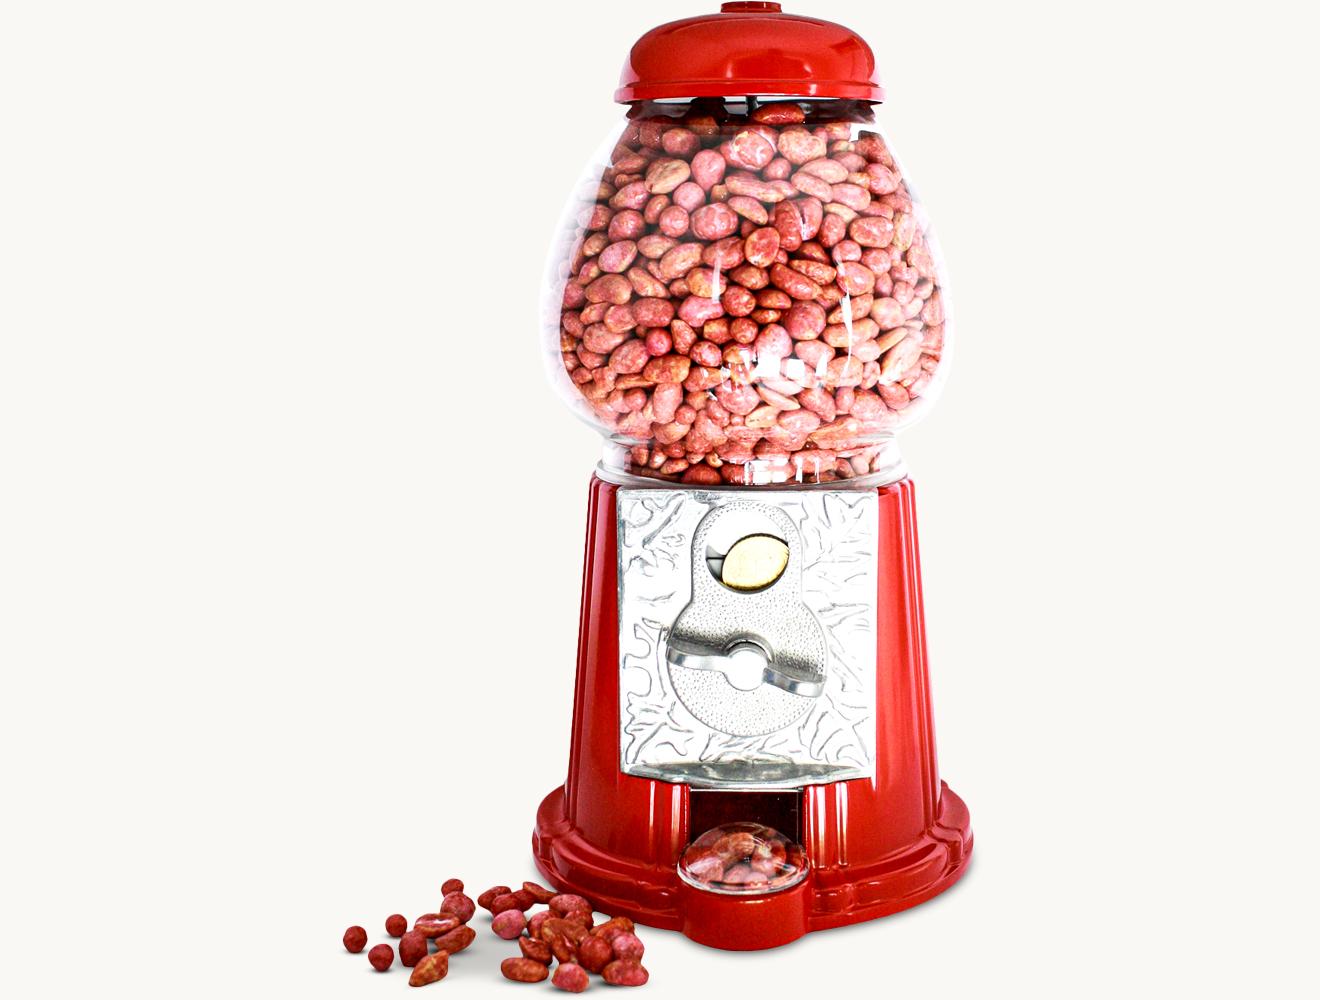 Nussglocke mit rot kandierten Erdnüssen